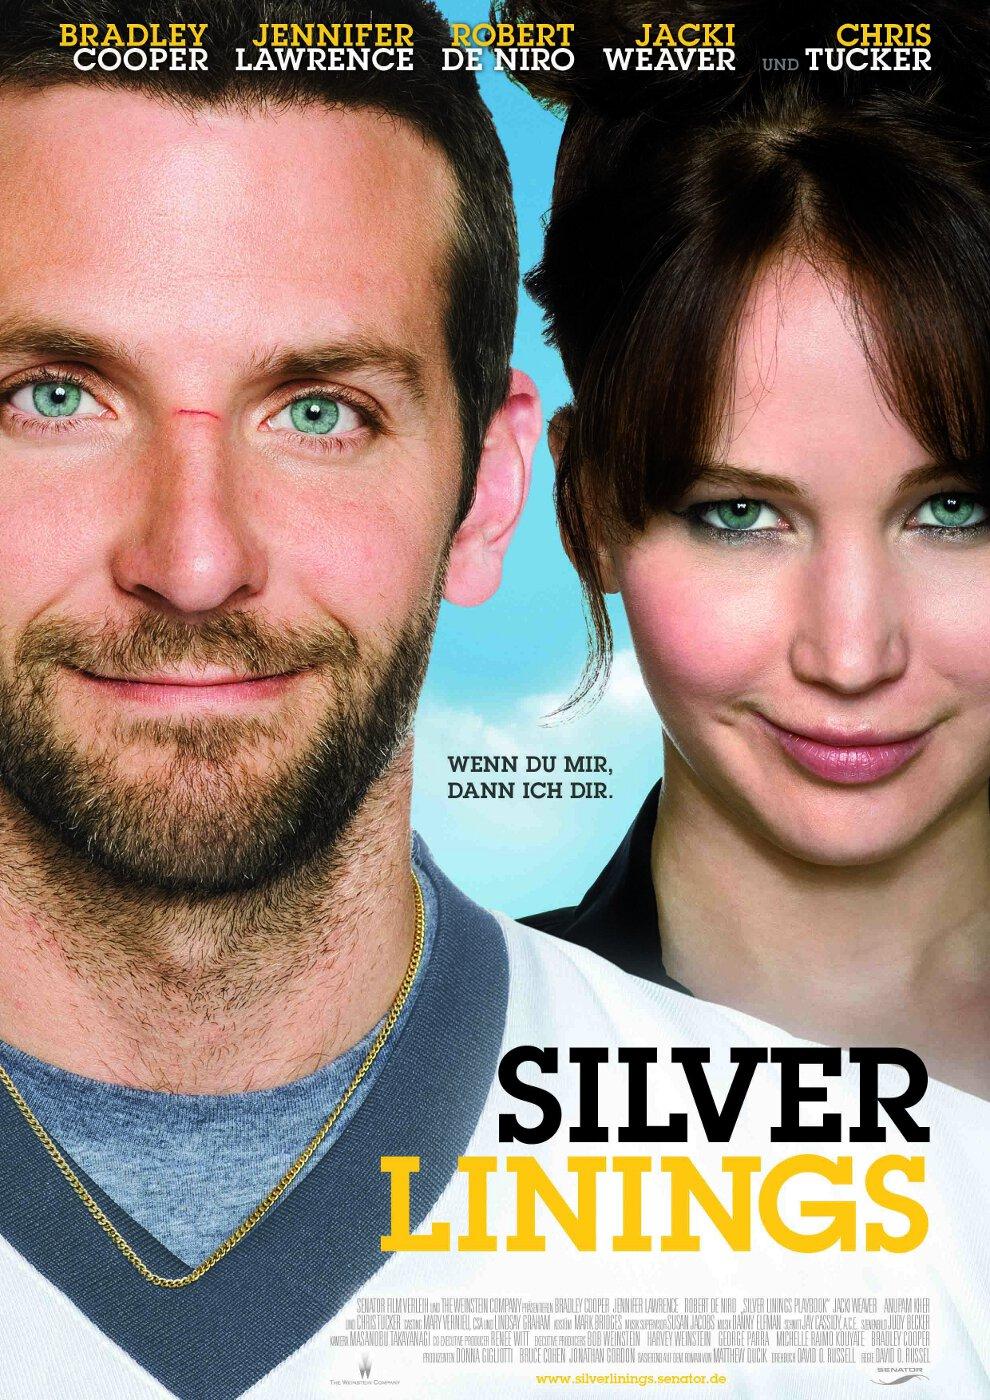 Silver Linings (2012) als kostenloser Stream beim SRF